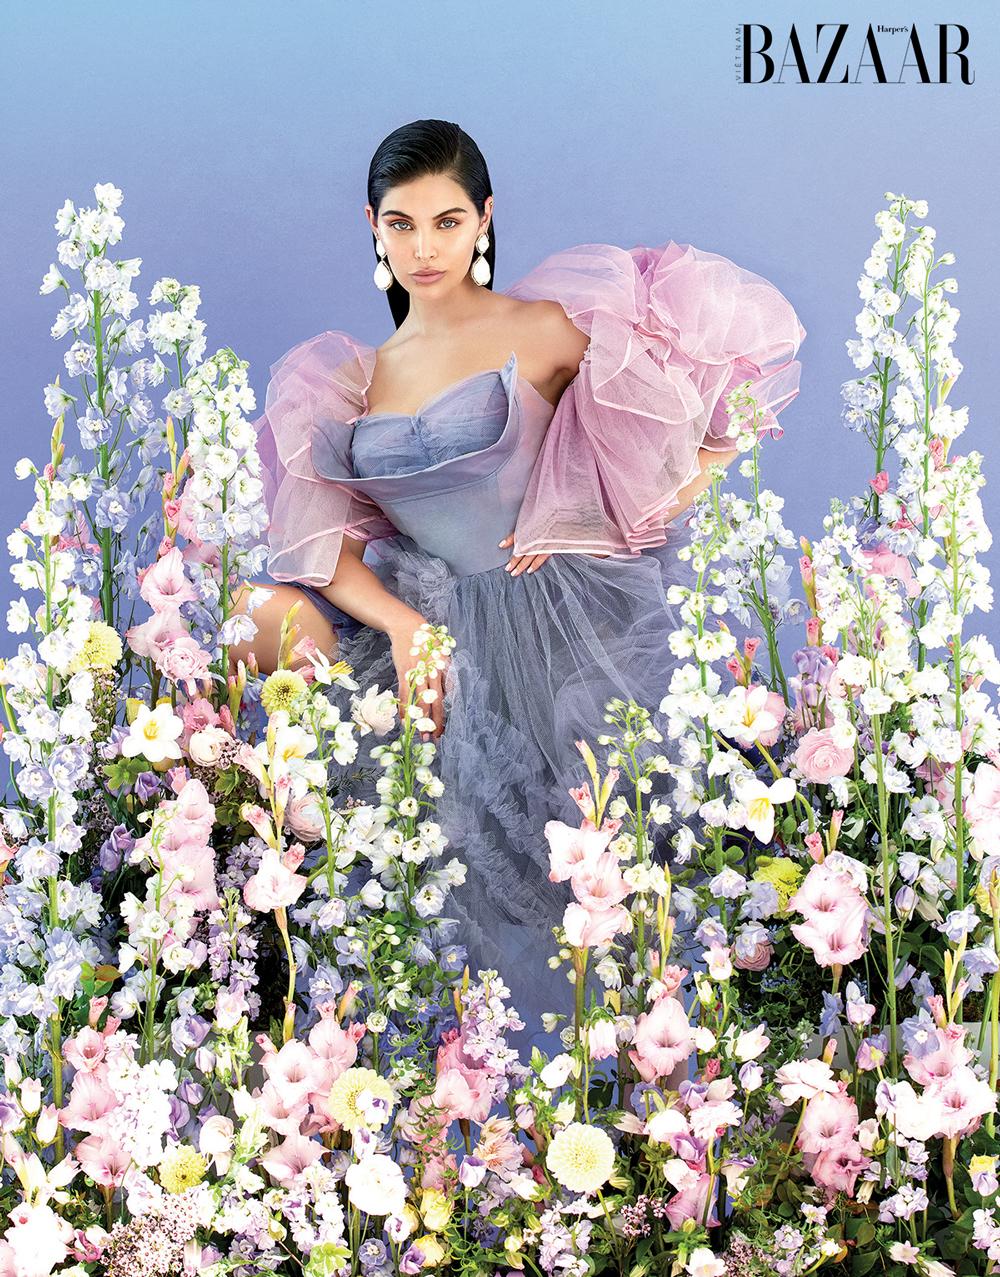 Mẹo làm đẹp thiên nhiên từ các đất nước có nhiều hoa hậu nhất thế giới 3